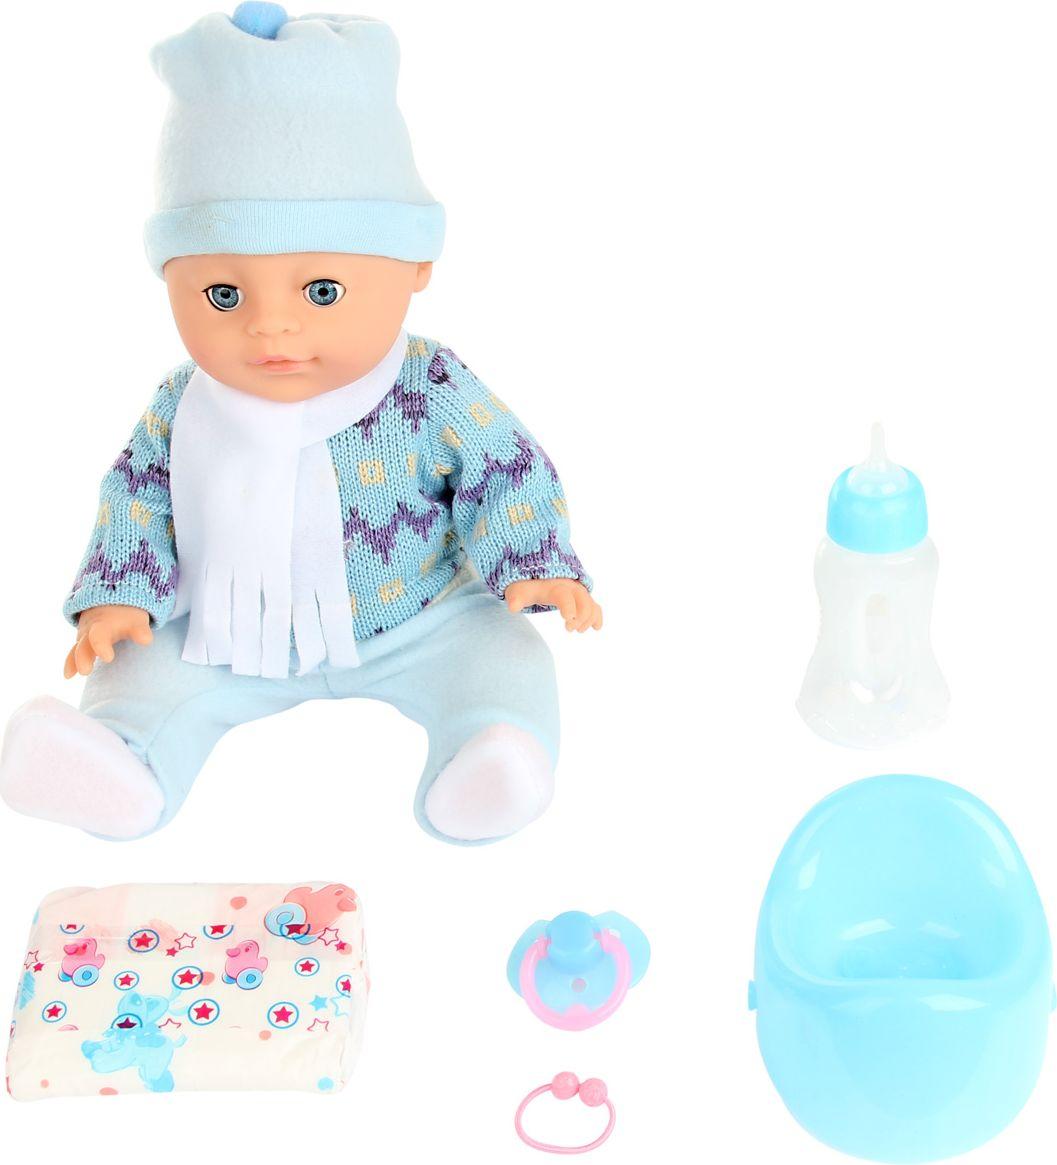 Lisa Jane Пупс с горшком 35 см 59467 lisa jane пупс с ванной цвет голубой 35 см 59479